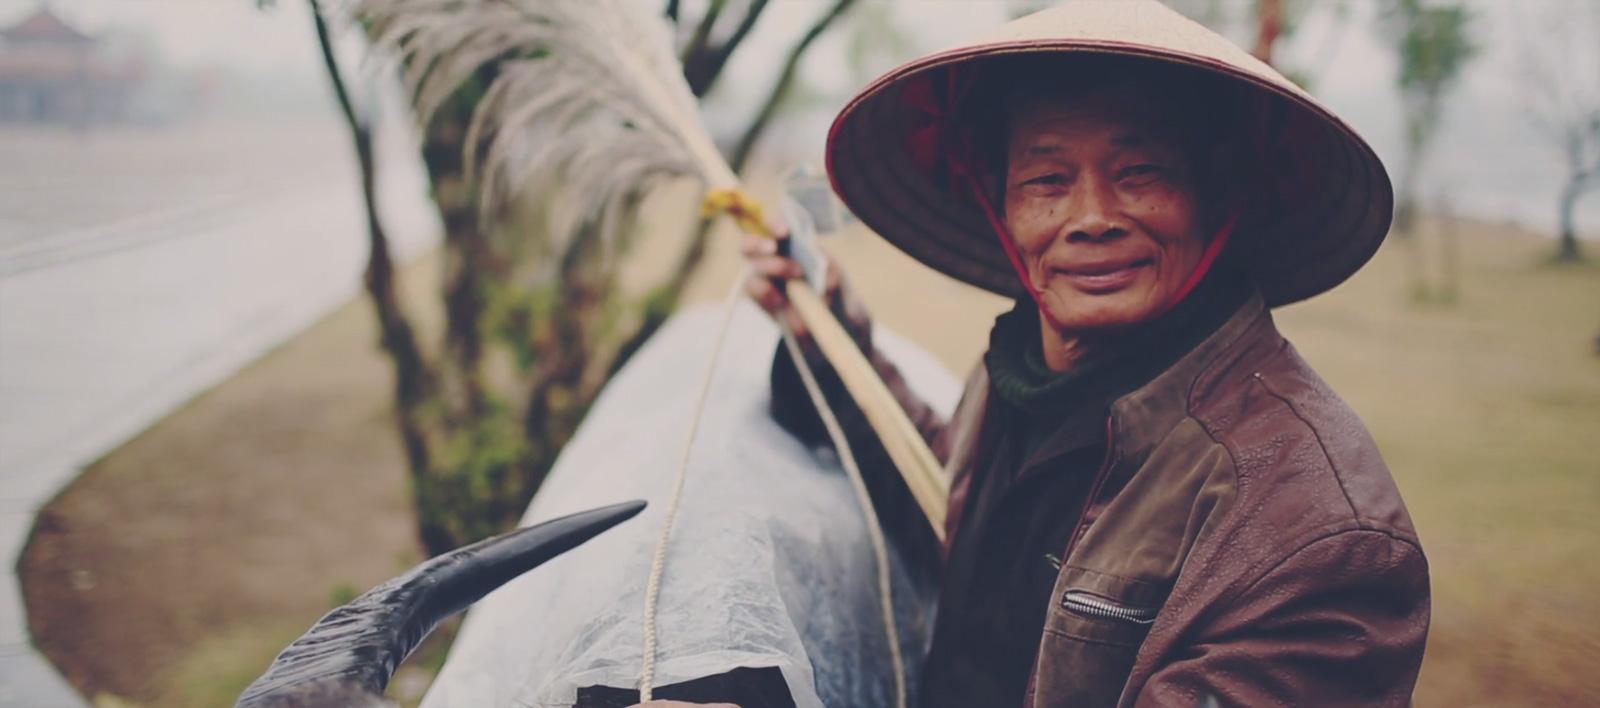 Somewhere_In_Vietnam-Menassier_gabriel-8